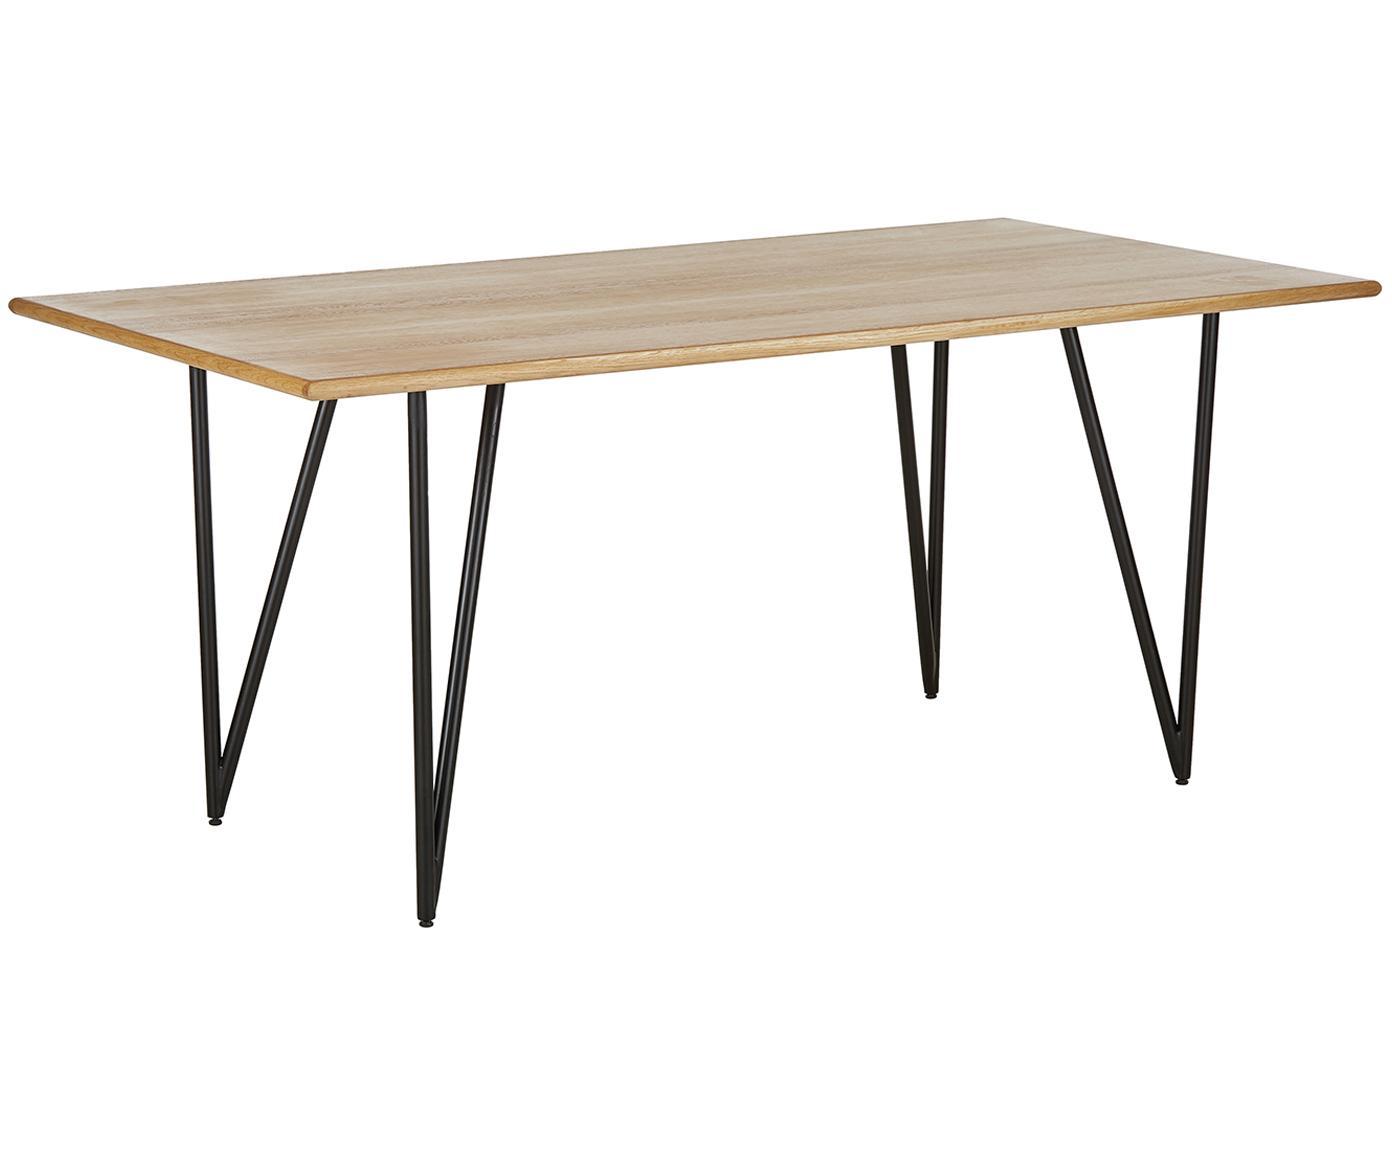 Eettafel Juno uit eikenhoutfineer, Tafelblad: MDF met eikenhoutfineer e, Frame: gepoedercoat metaal, Eikenhoutfineer, B 180 x D 90 cm